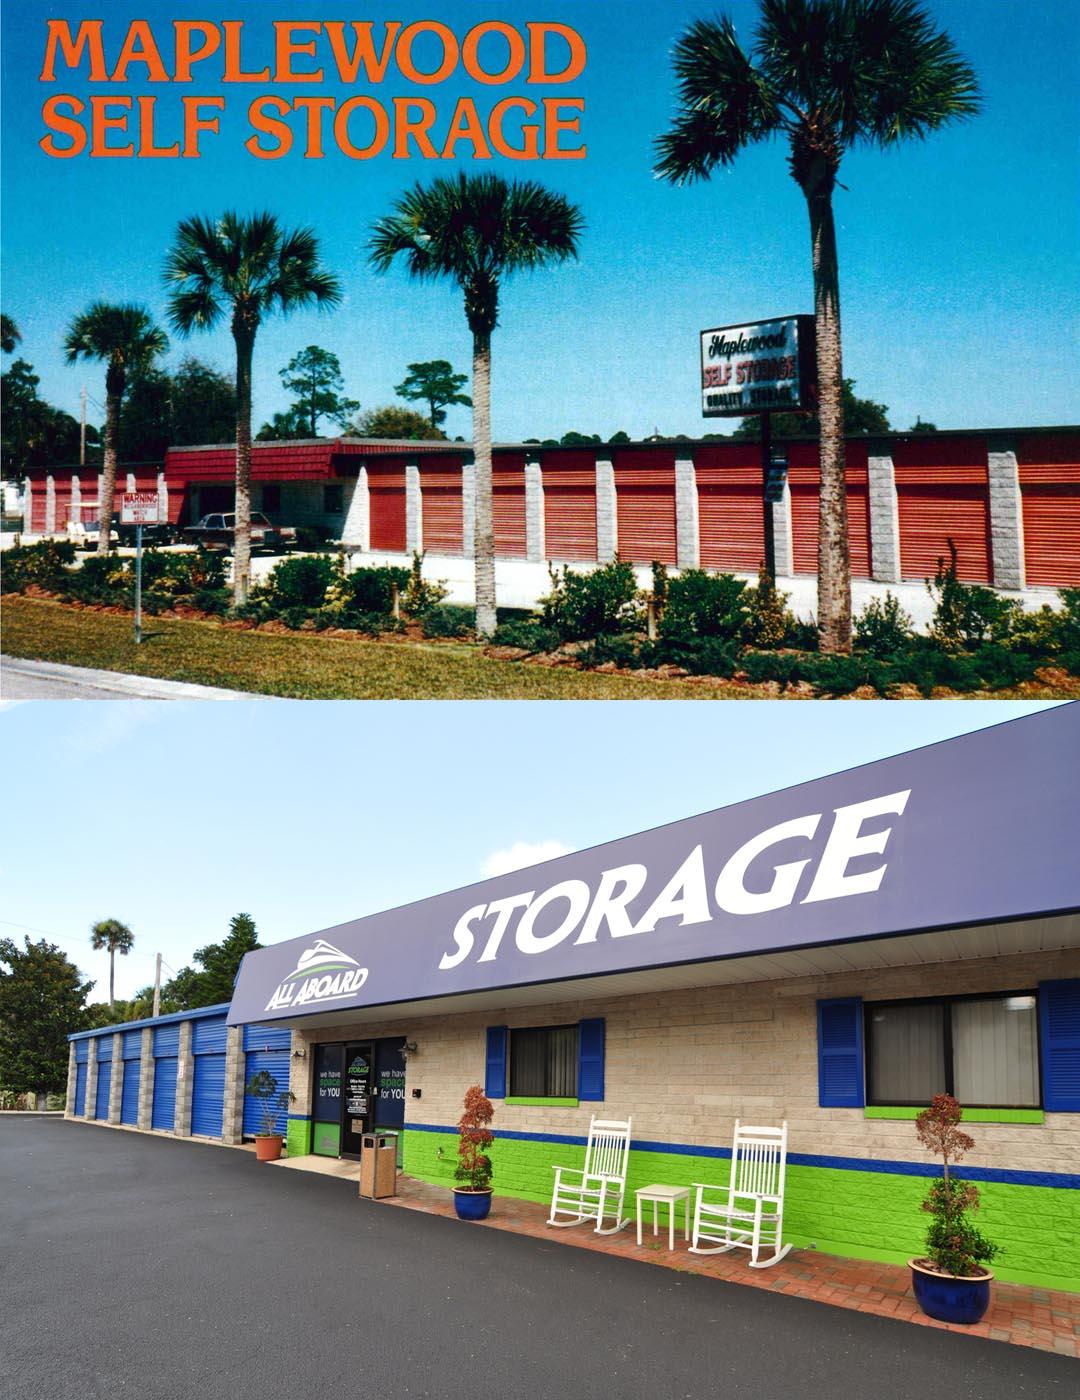 All Aboard Storage Port Orange Fl Dandk Organizer